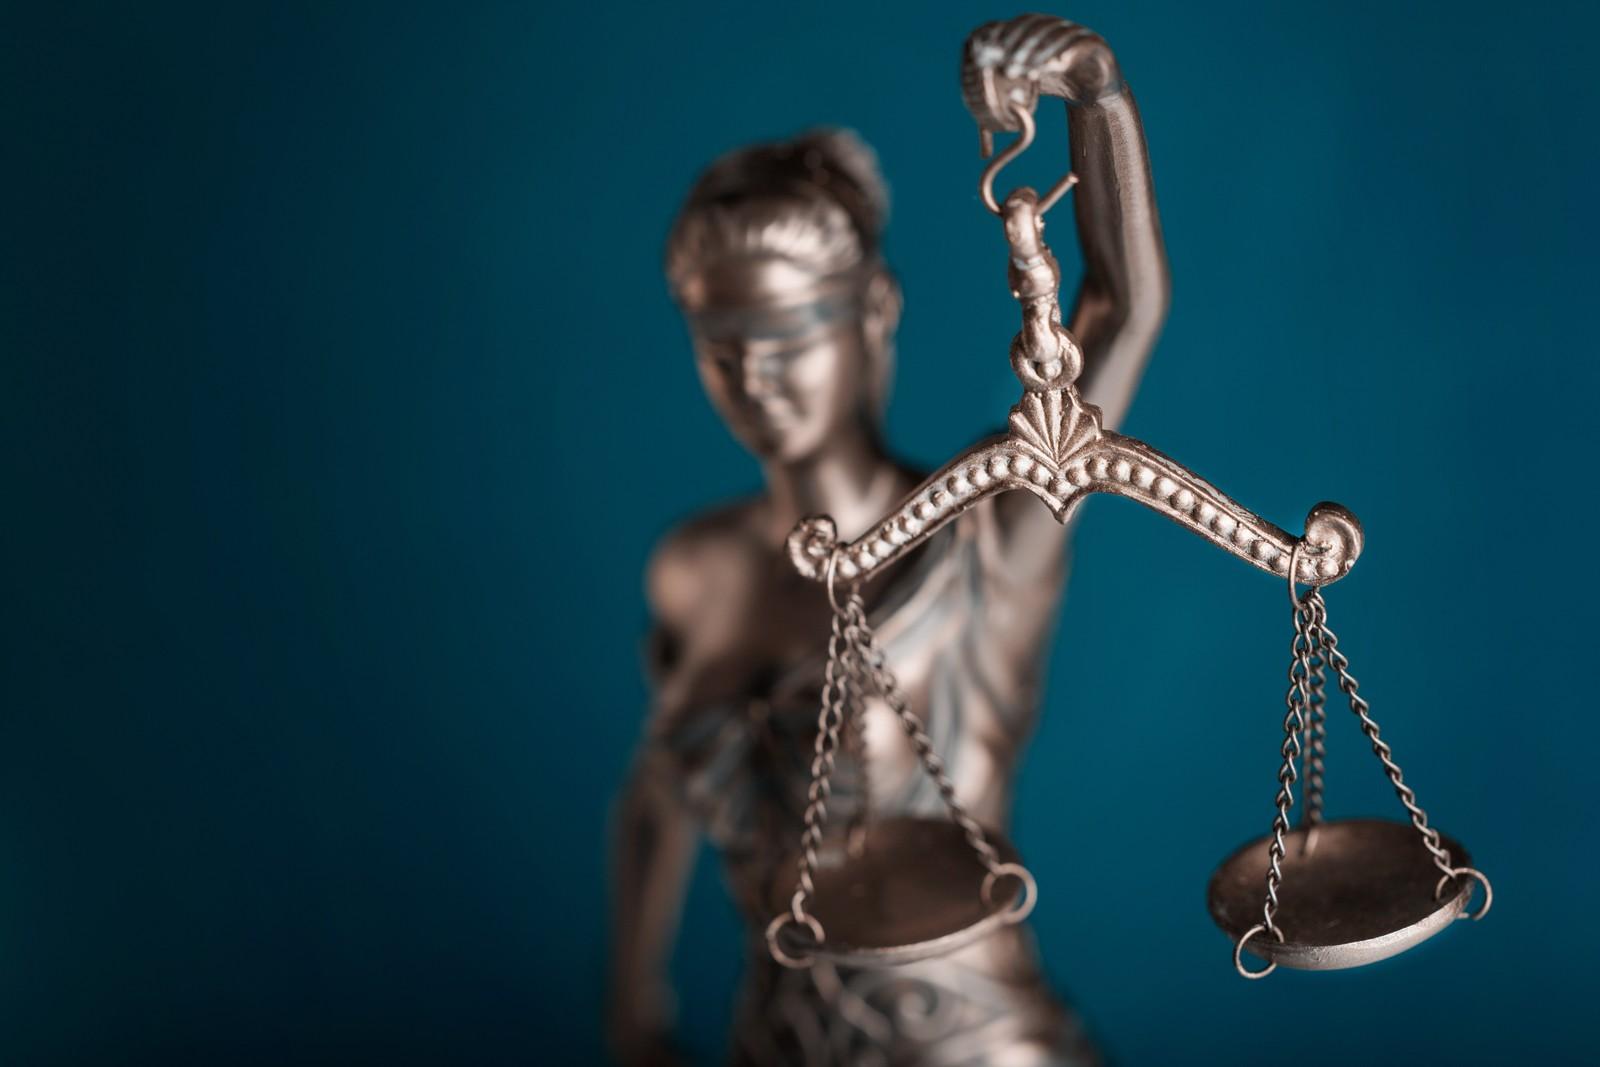 Zwei Gerichte haben sich bisher mit dieser Frage auseinandergesetzt. Dabei sind sie zu unterschiedlichem Ergebnis gekommen.